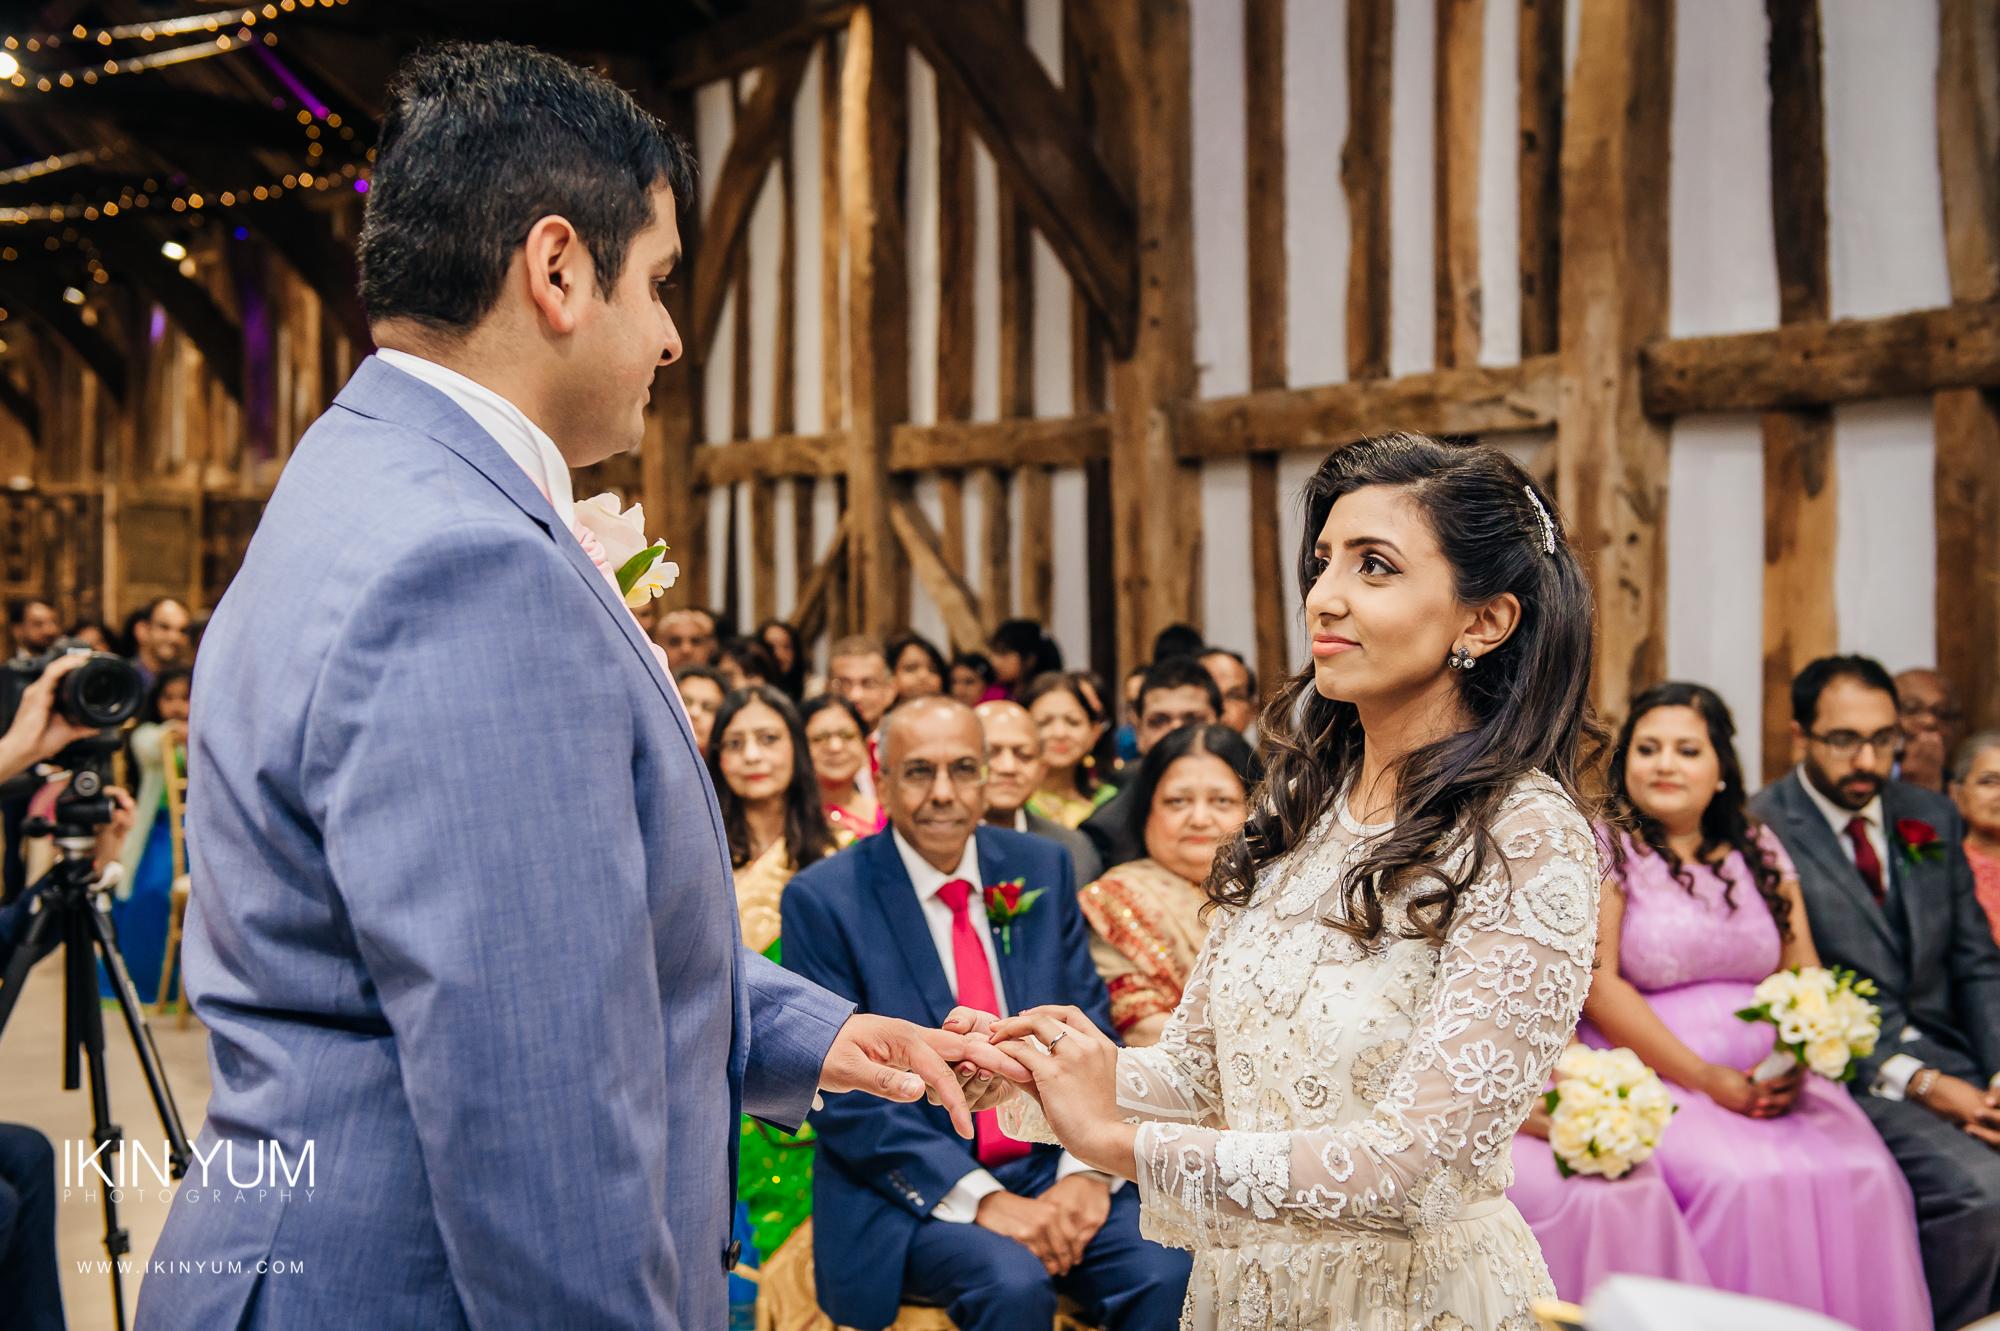 The Great Barn Wedding- Ikin Yum Photography-0044.jpg